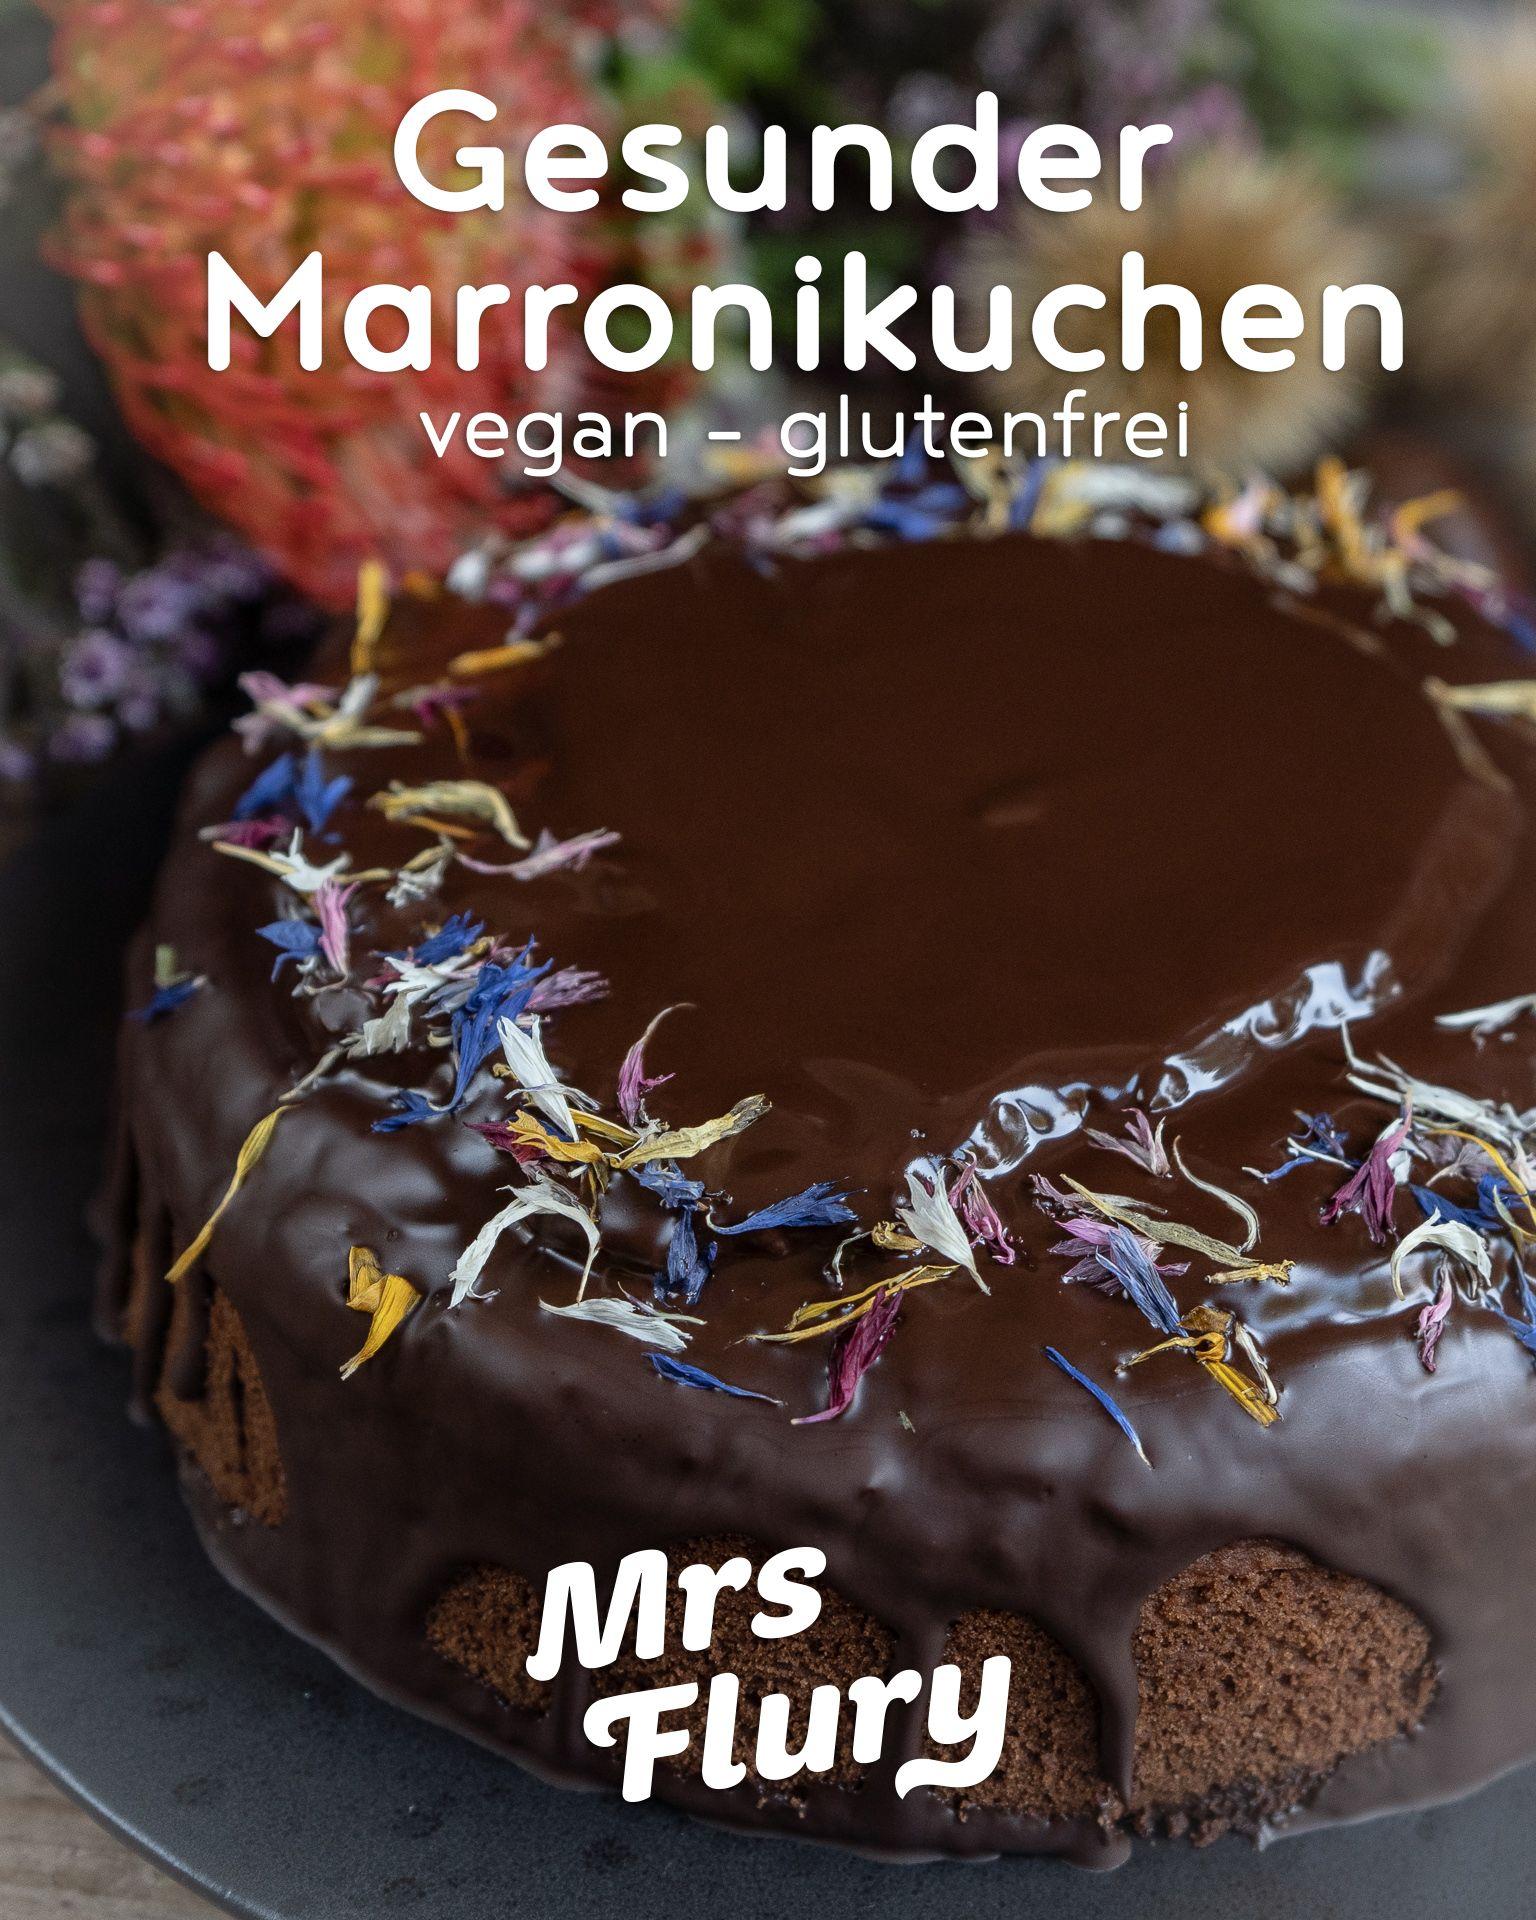 Gesunder Marronikuchen Vegan Glutenfrei Mrs Flury Rezept Vegane Nachtischrezepte Glutenfreier Kuchen Susse Backerei